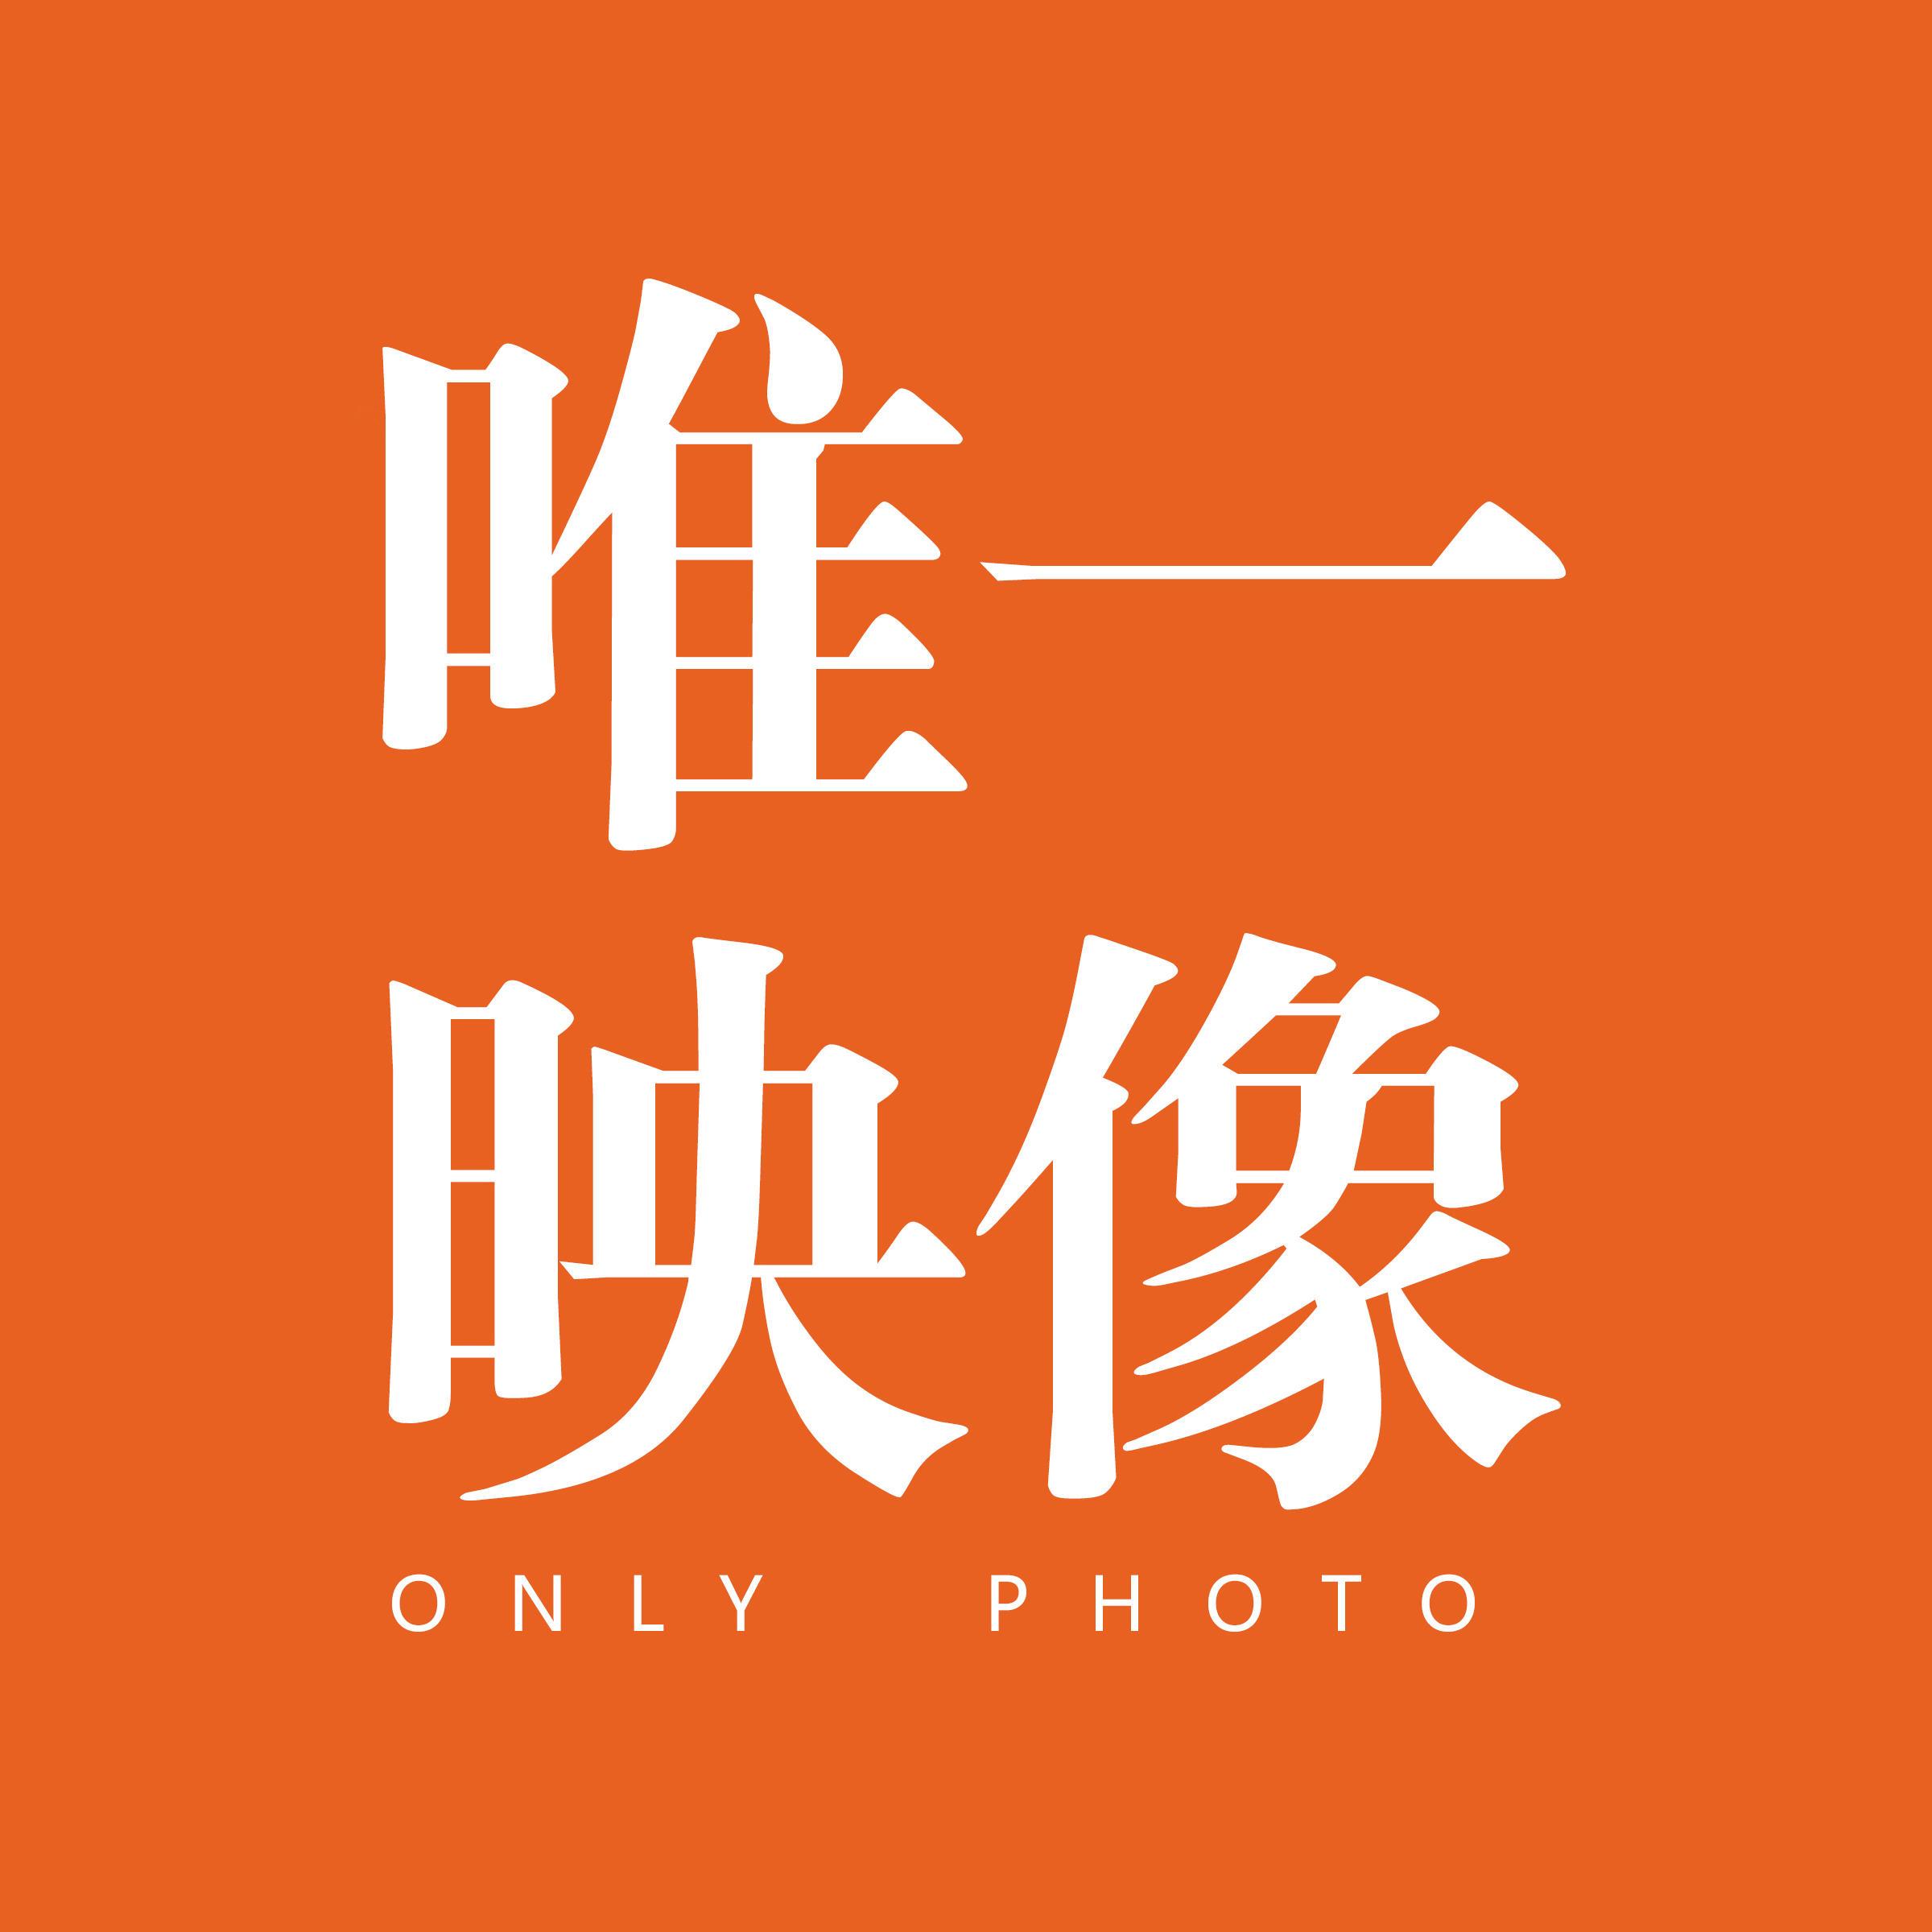 唯一映像婚纱摄影(宁波旗舰店)